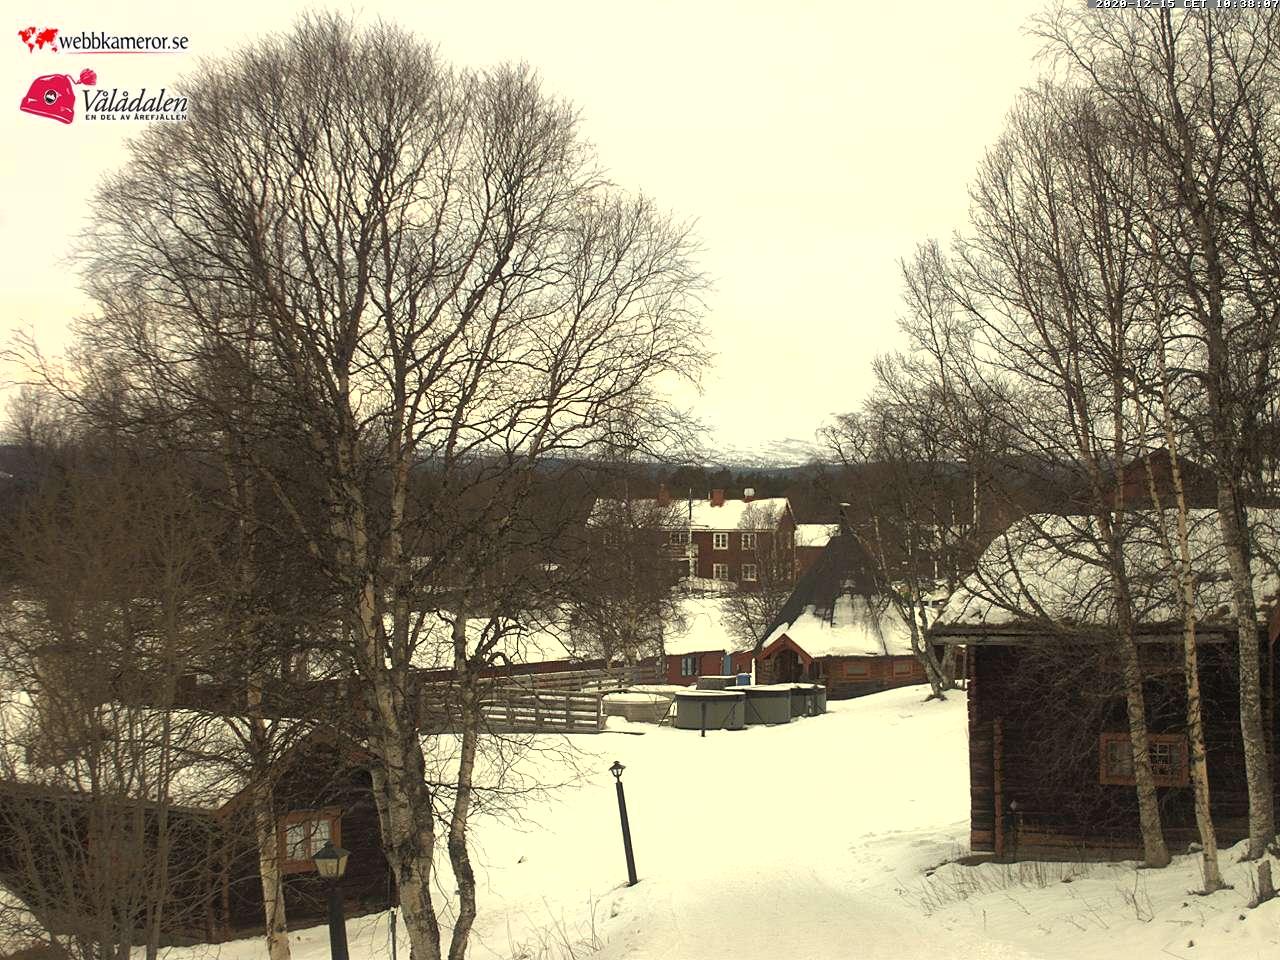 Webcam Vålådalen, Åre, Jämtland, Schweden